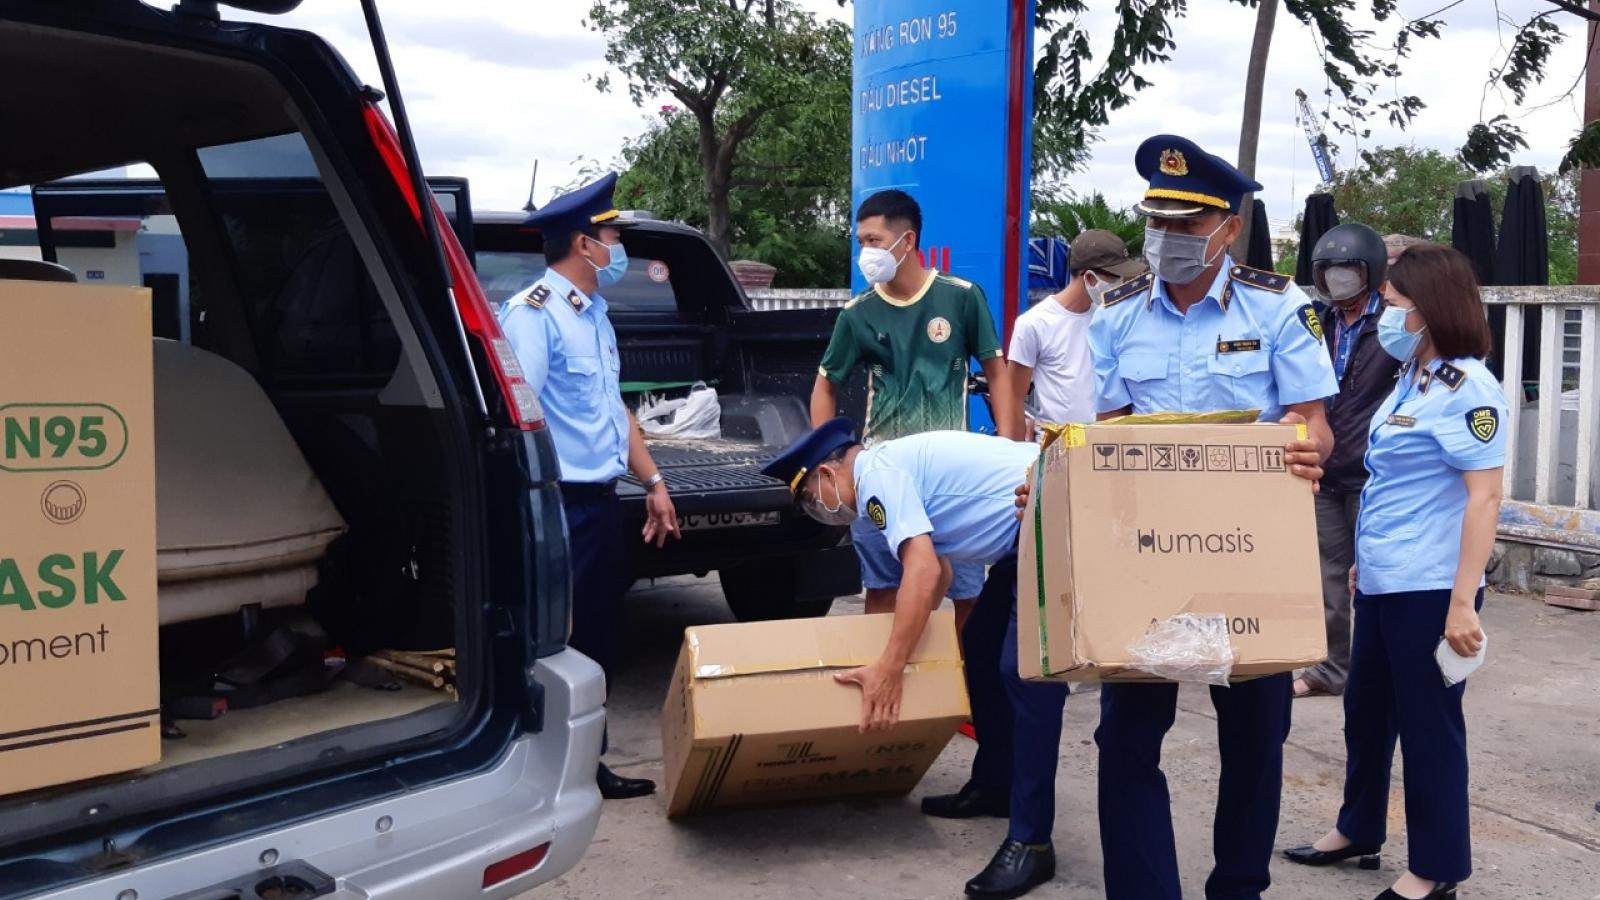 Phú Yên: Bắt quả tang bán kit test nhanh Covid-19 và khẩu trang y tế không theo quy định